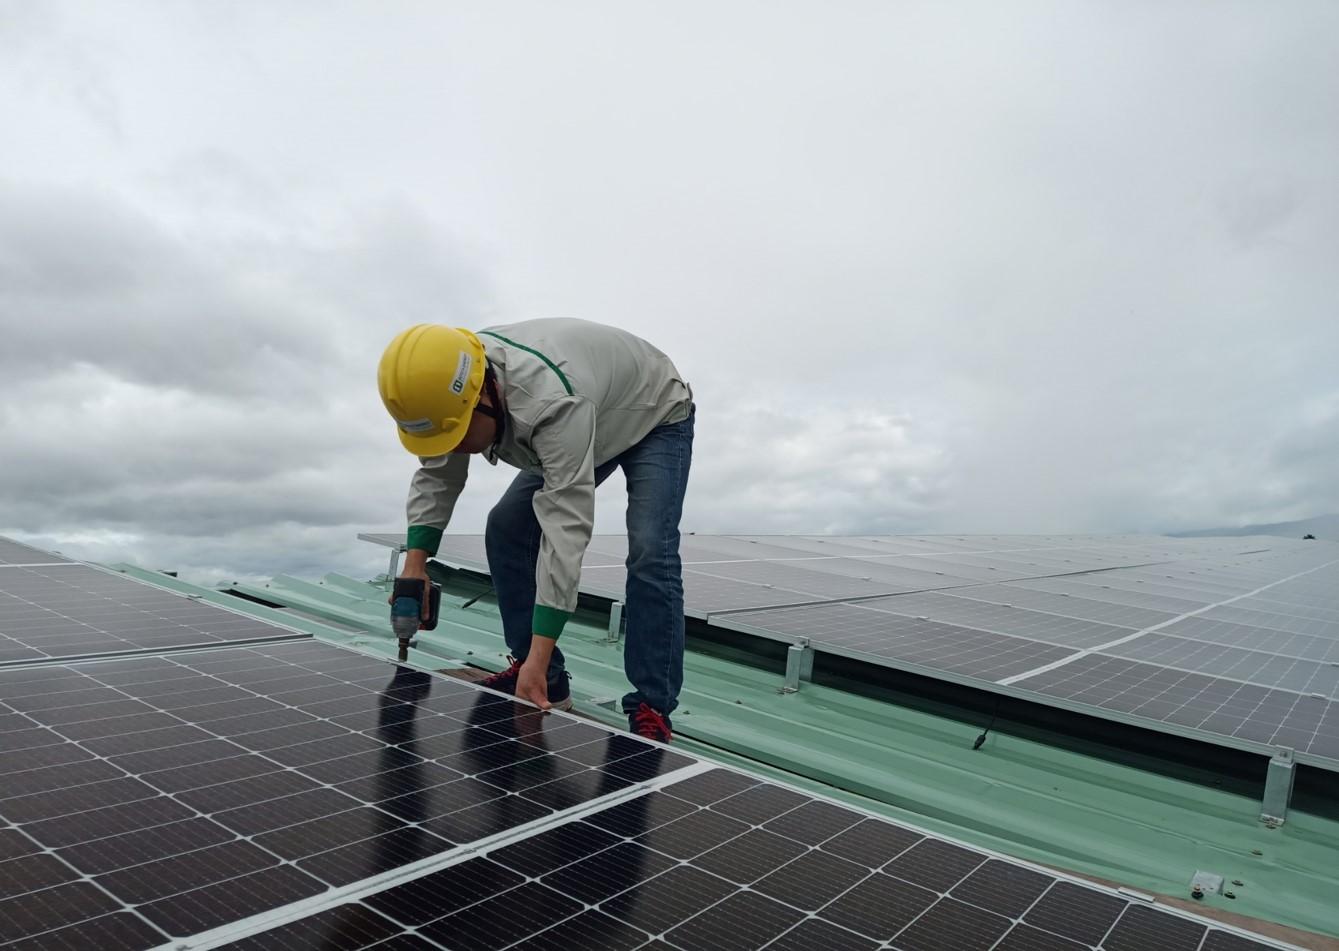 Dự án điện năng lượng mặt trời 998 kWp cho công ty cổ phần KTH Gia Lai